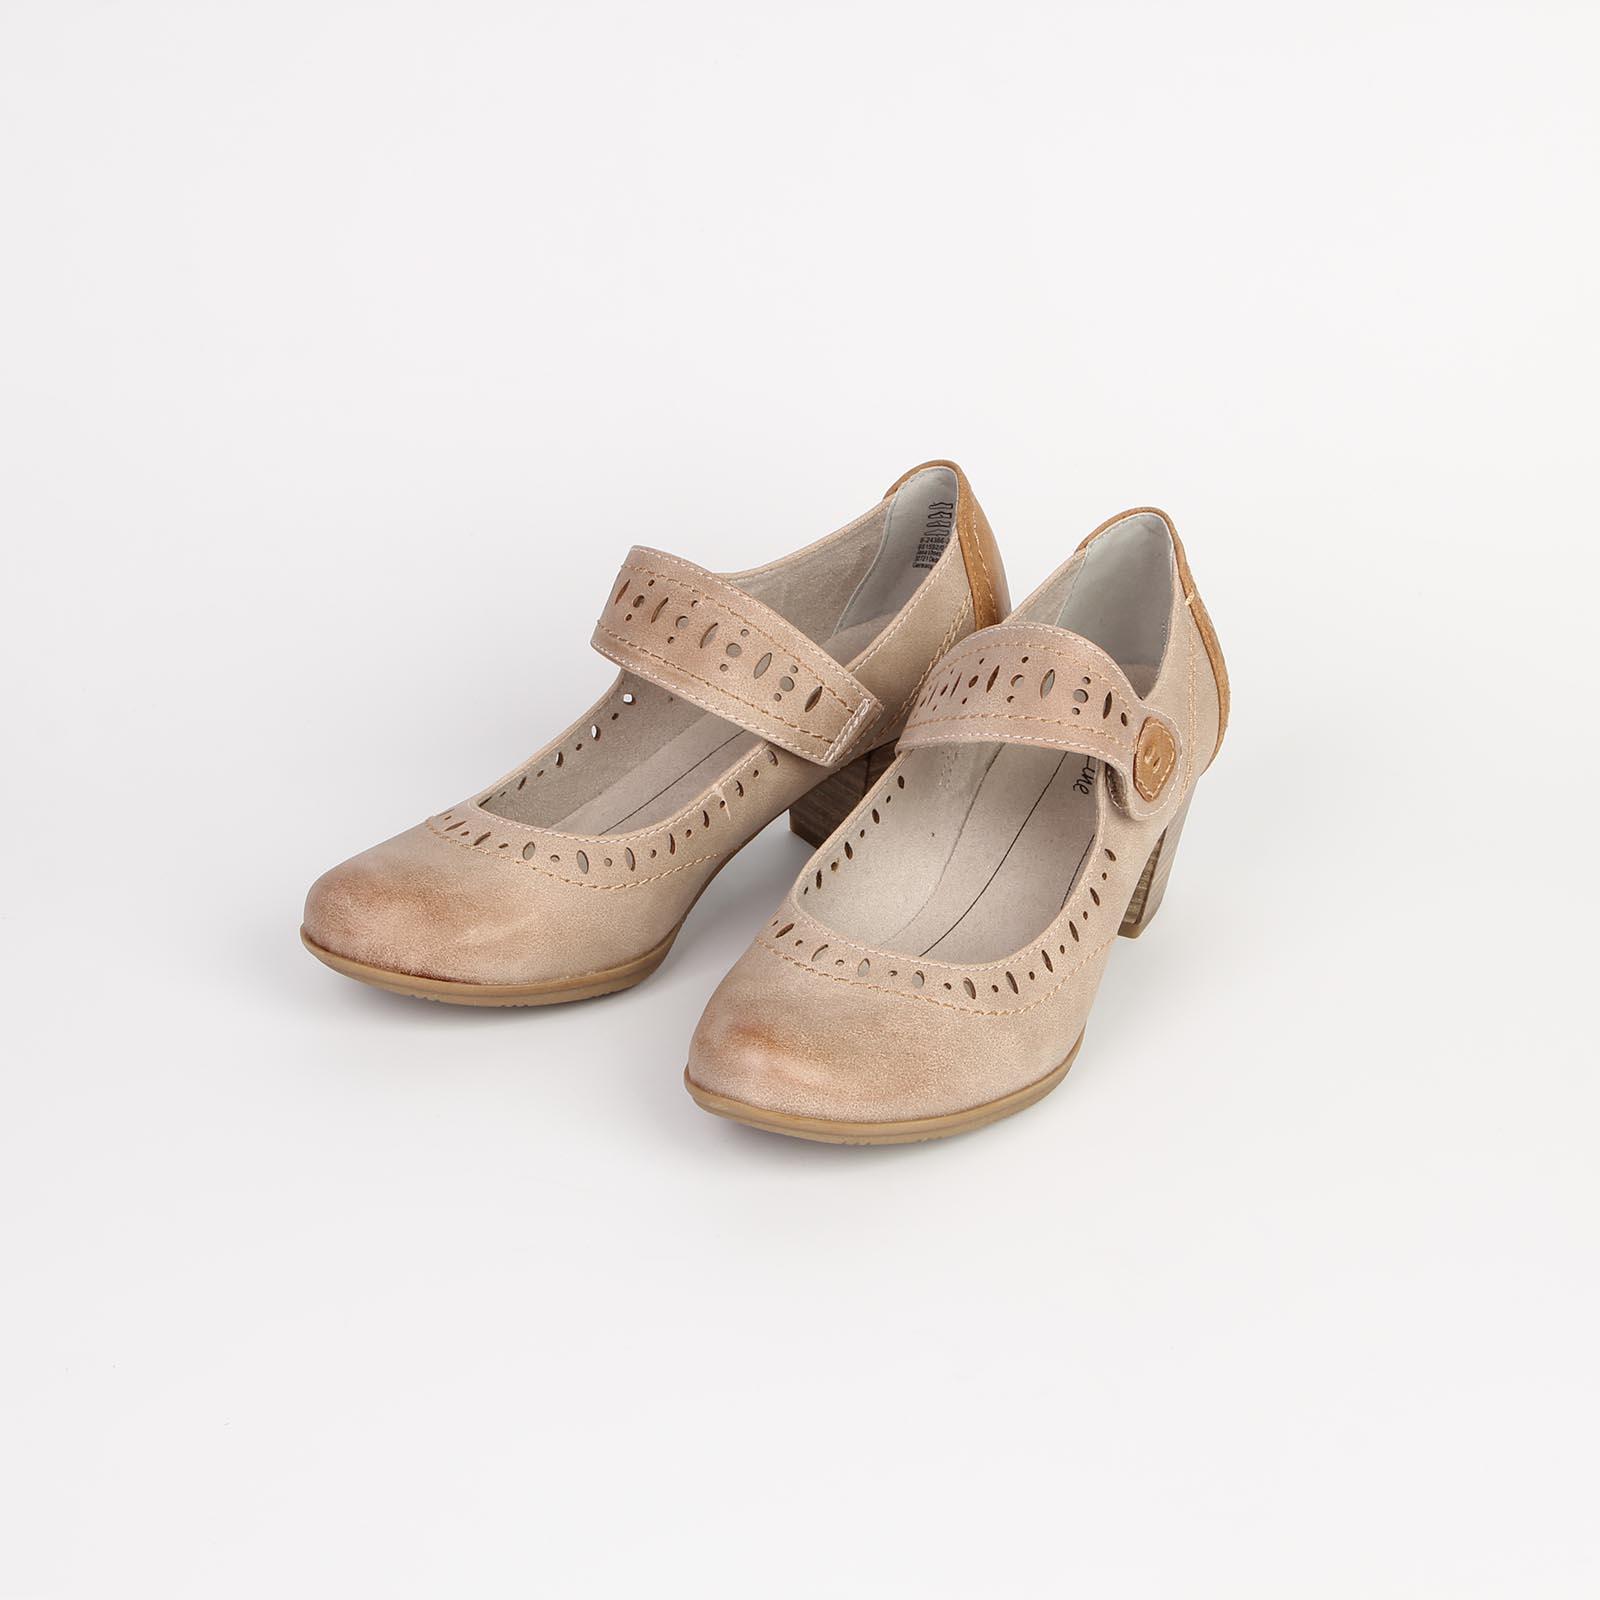 Туфли женские украшенные перфорацией по бокам и на ремешке